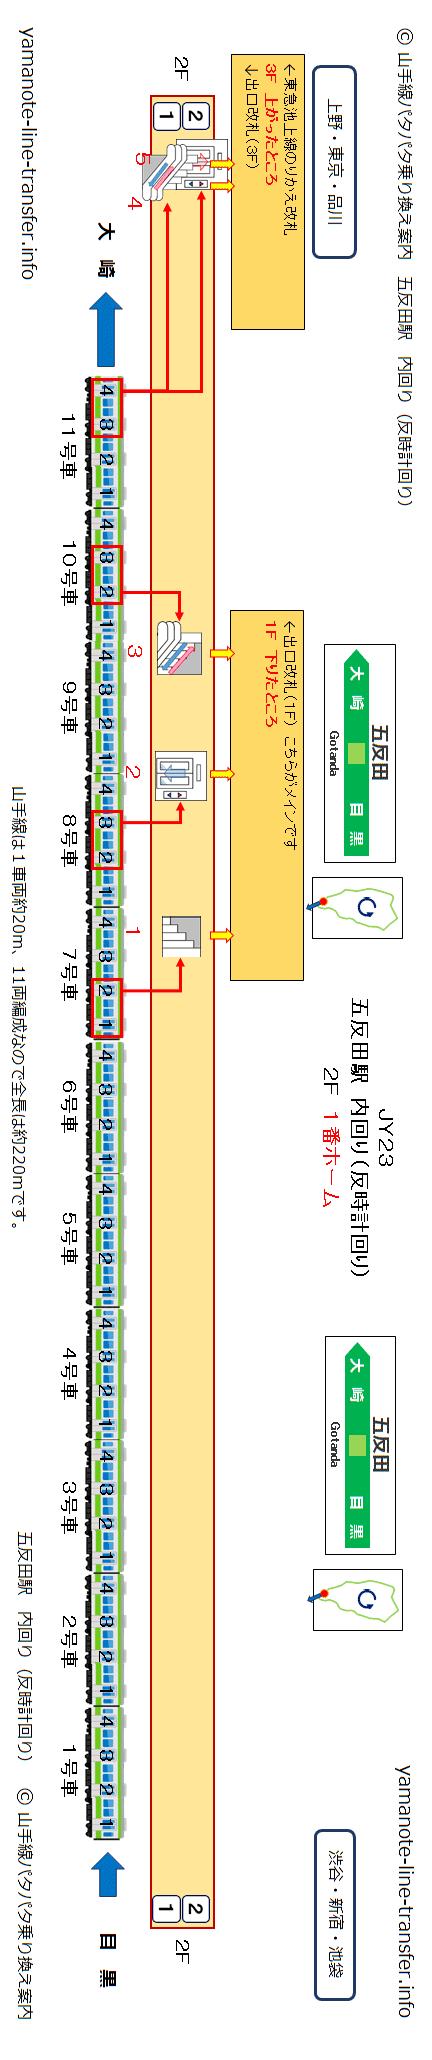 駅 構内 図 五反田